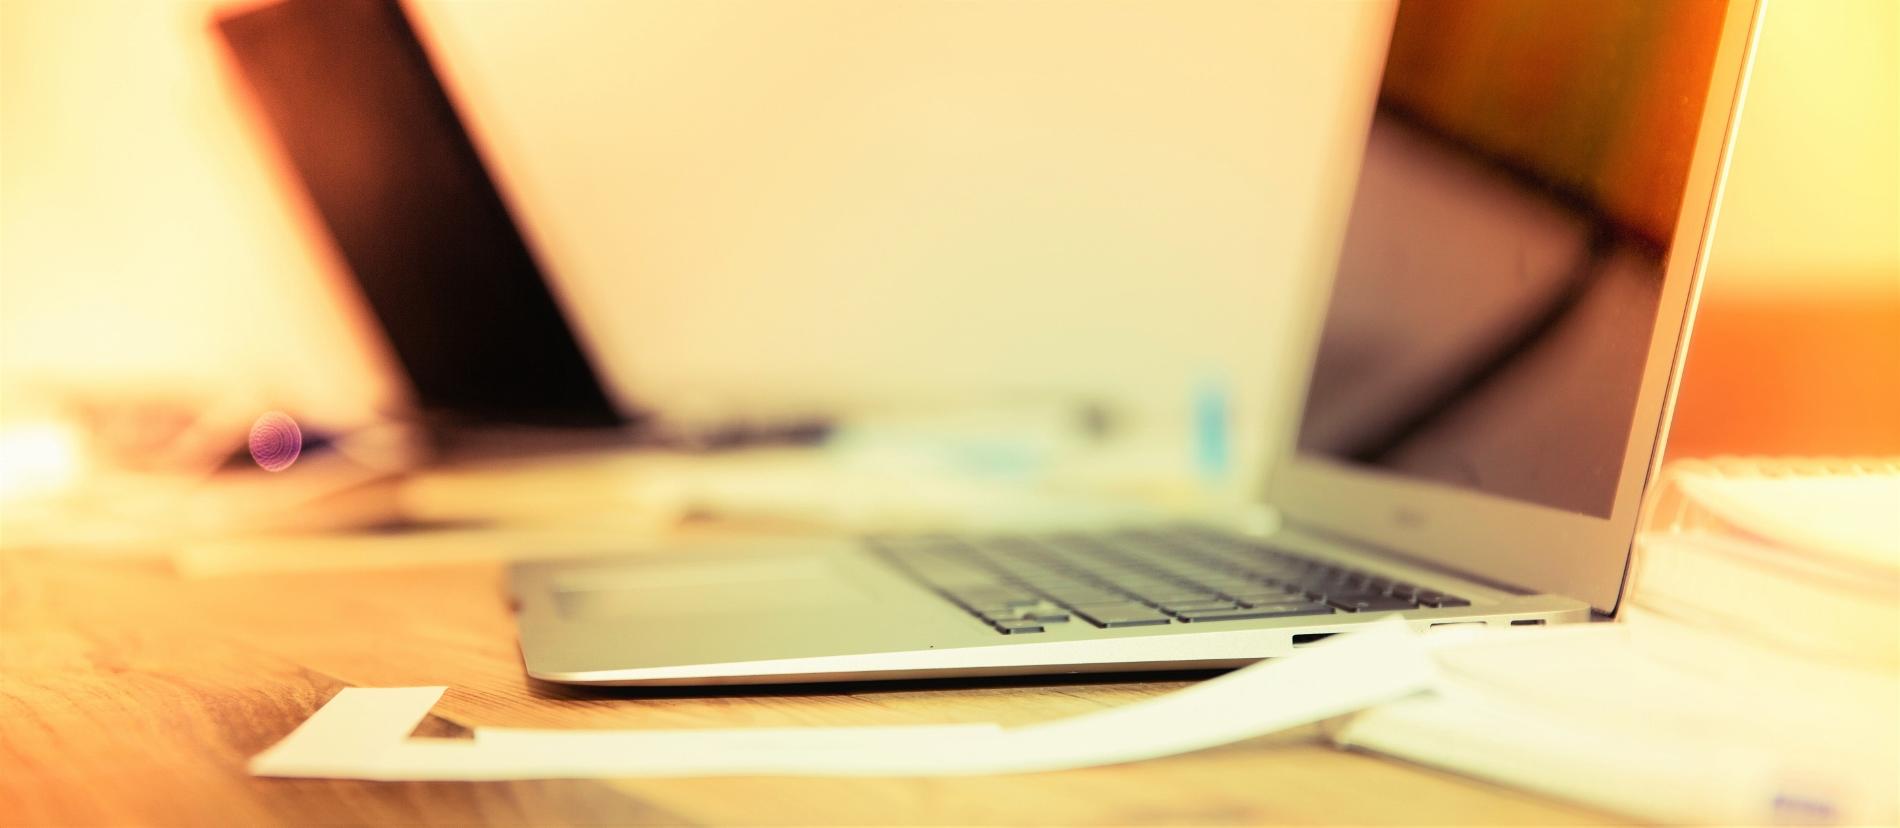 Vokabellernen, während man surft. Langenscheidt mit neuem Browser Add-On!